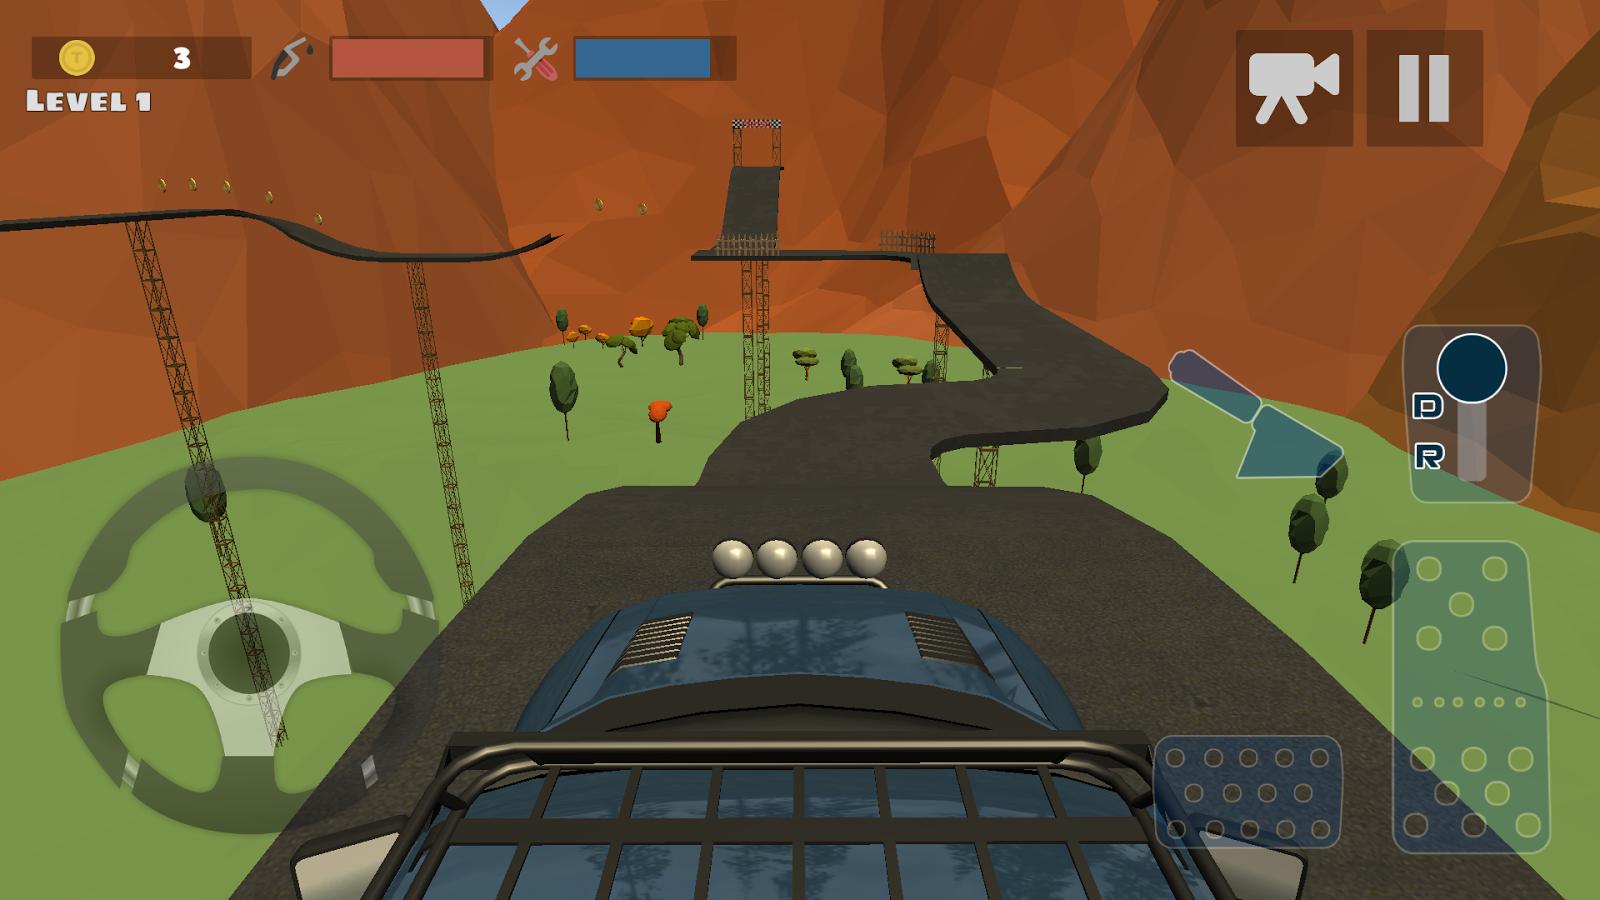 Hill Climb Race 3D 4×4 v2.3 .apk File